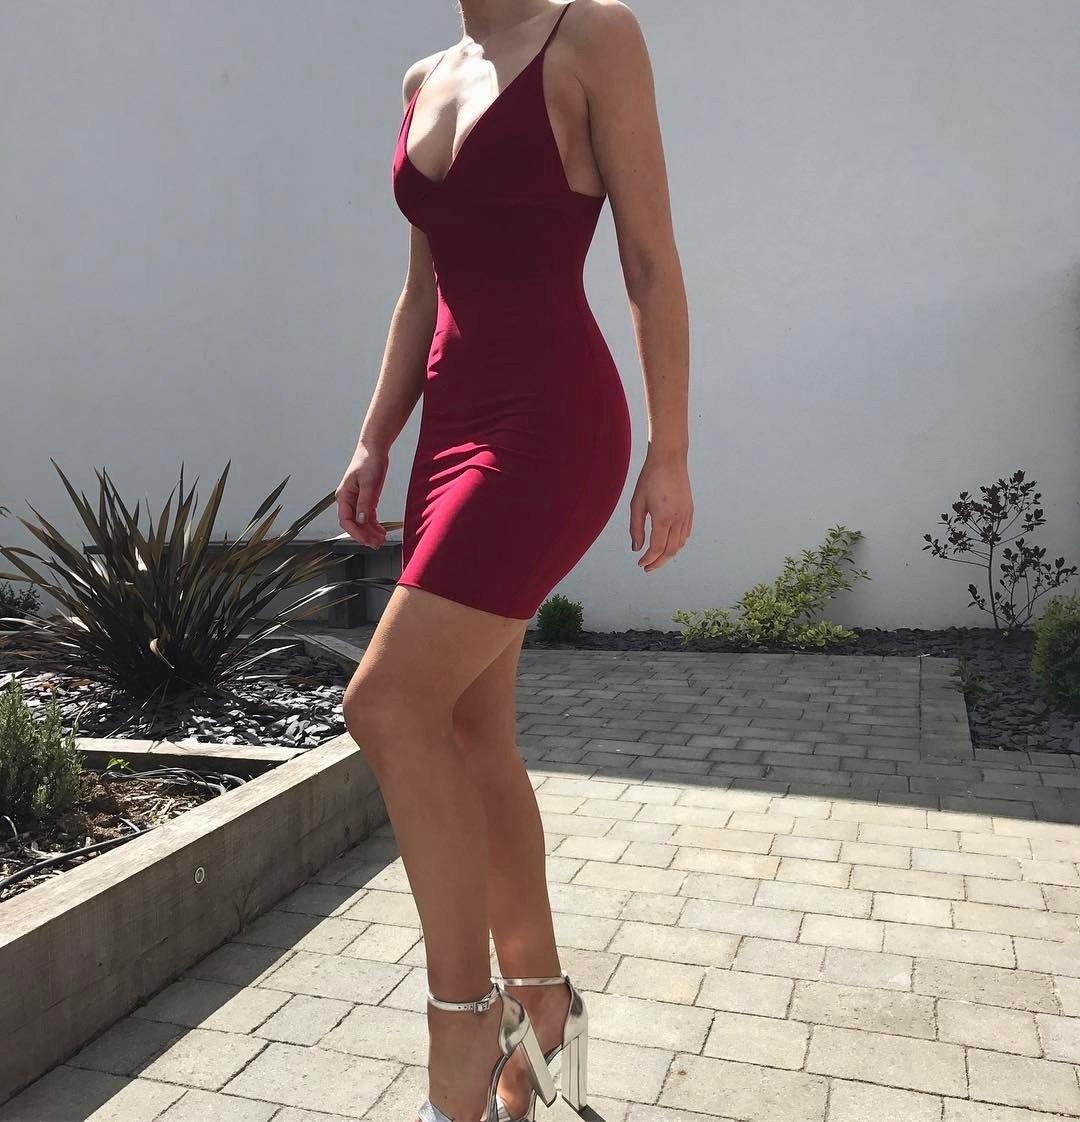 Sexy Tight Clothes Tumblr